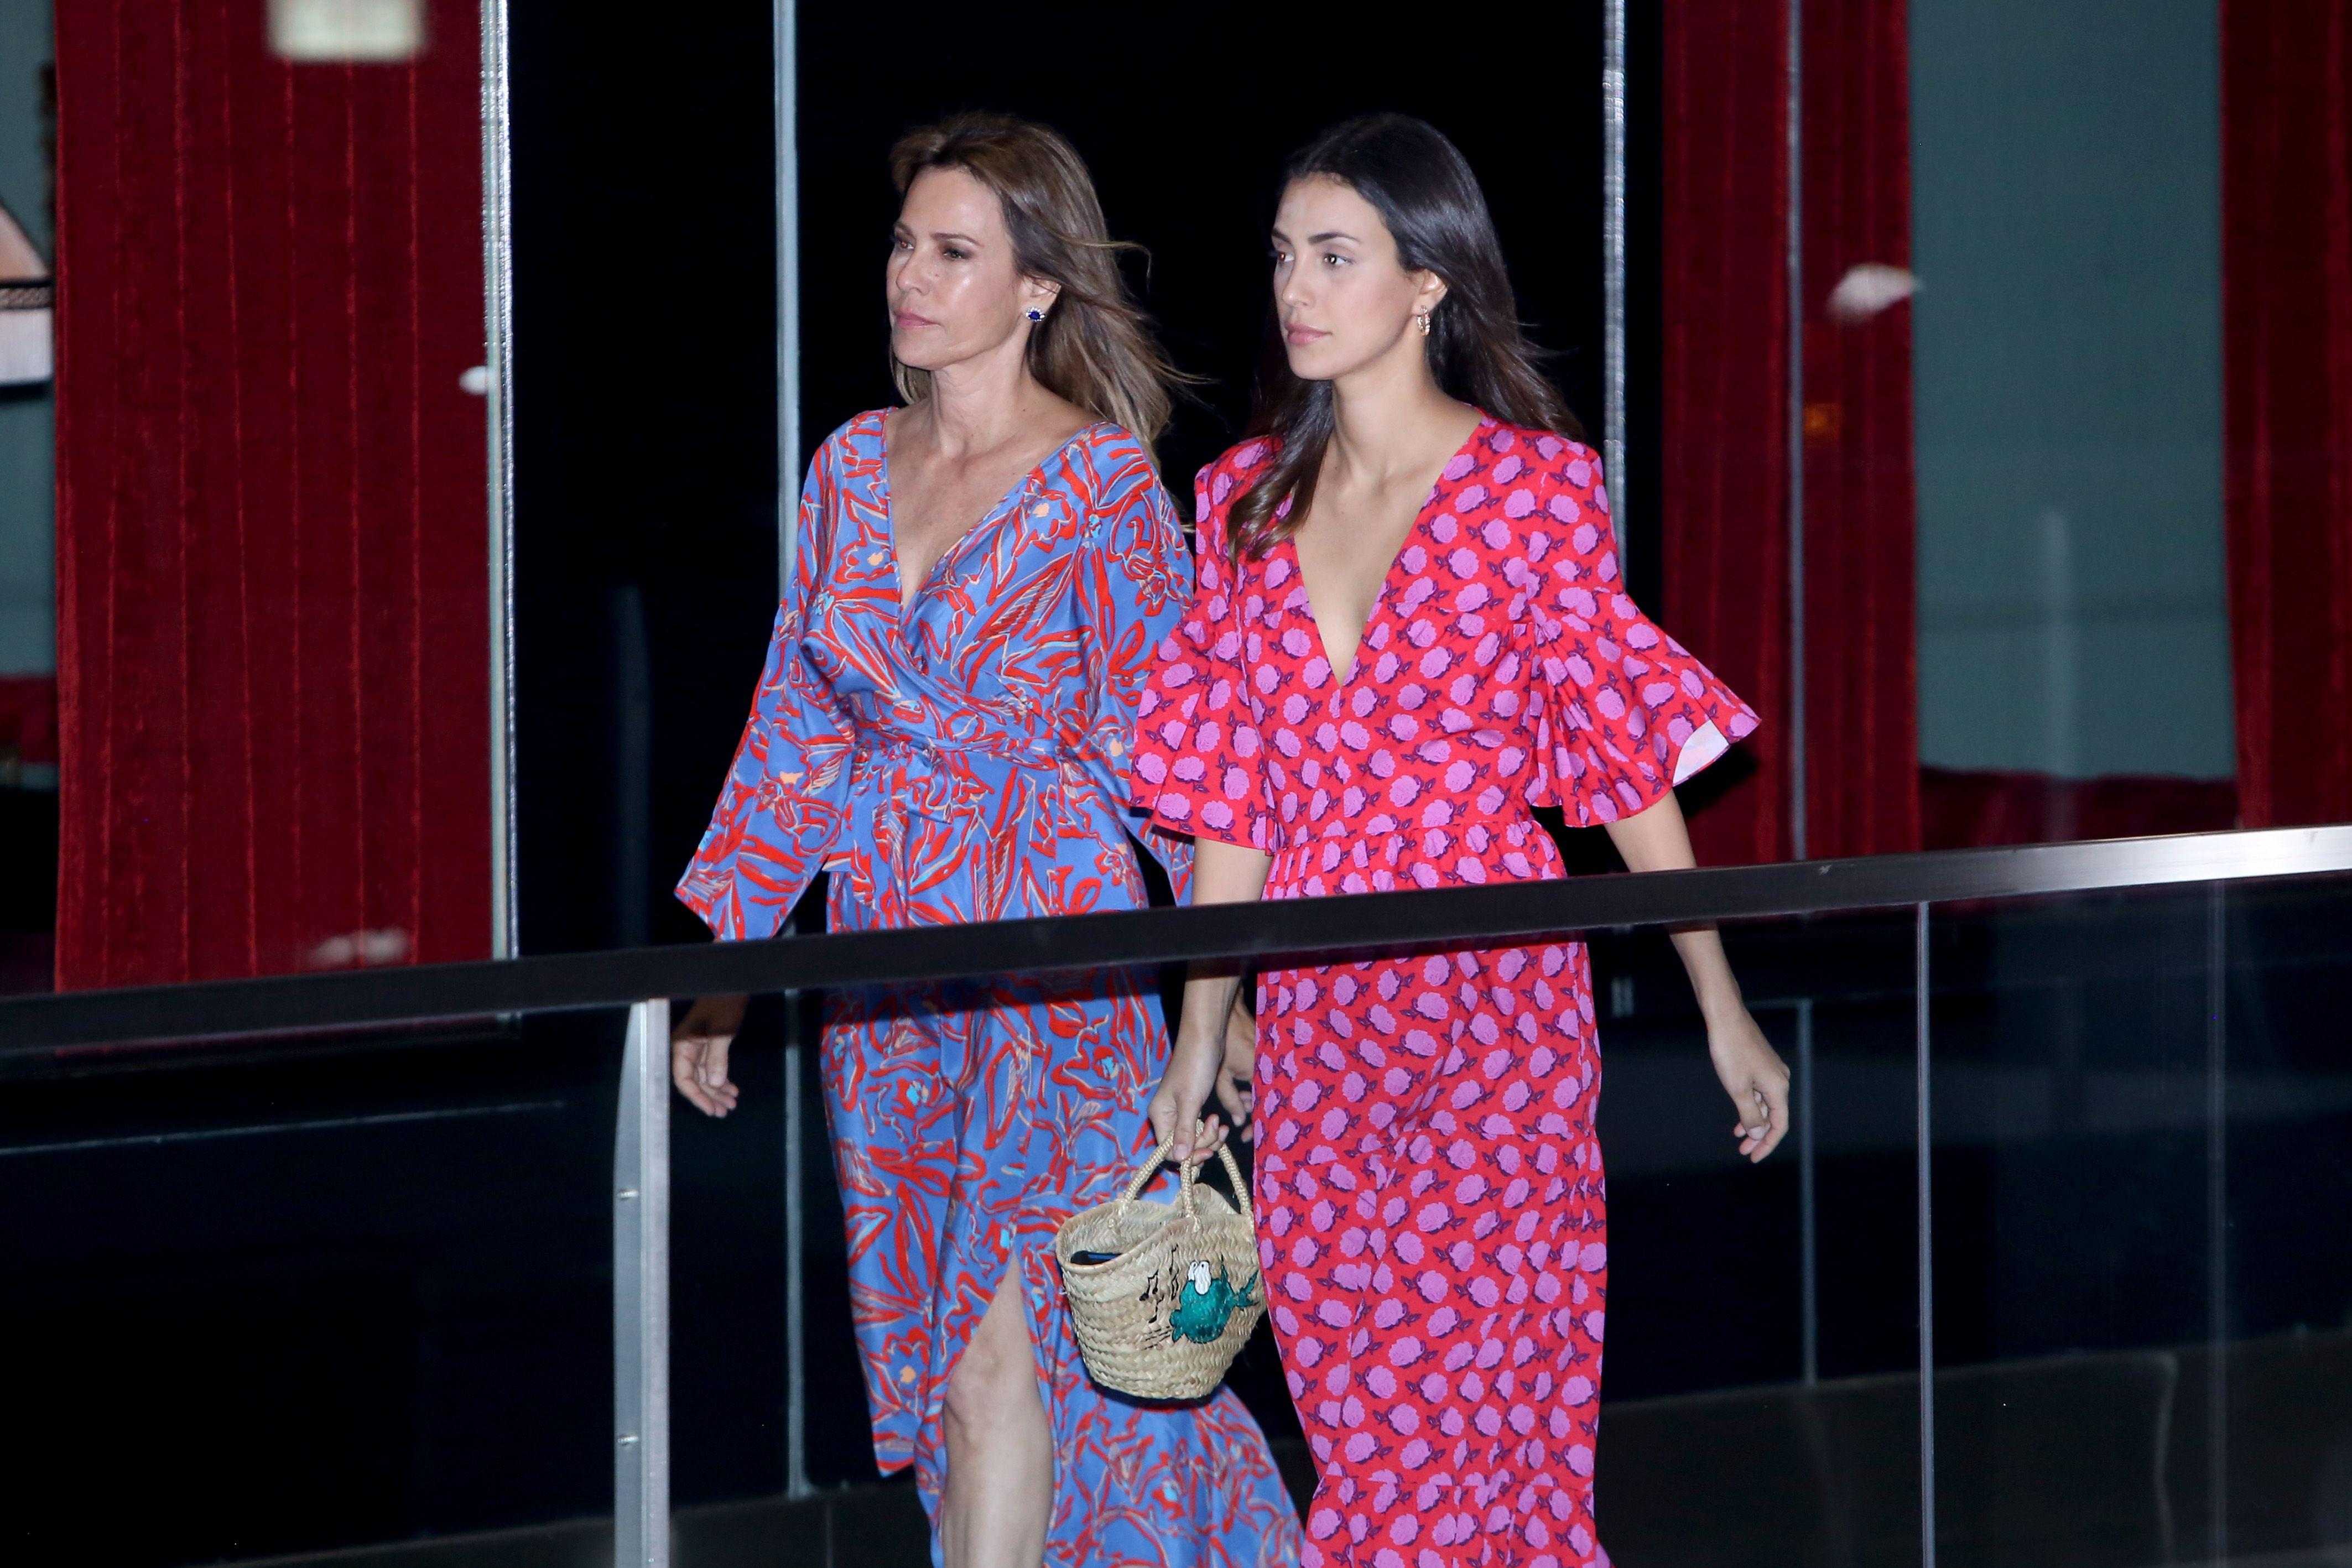 El vestido pre-boda de Alessandra de Osma - Alessandra de Osma marca ...